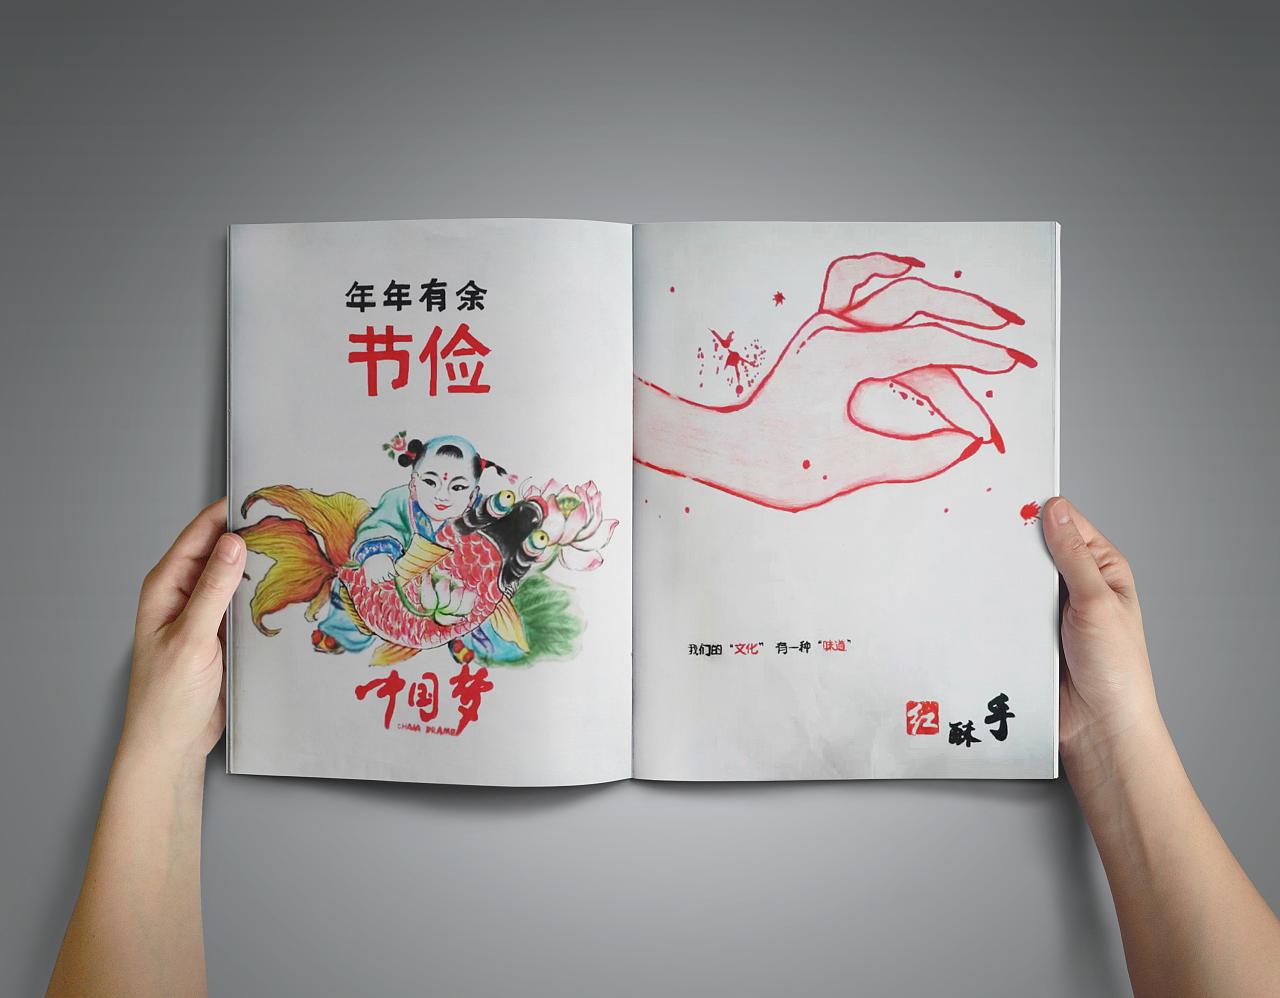 公益招贴——手绘稿图片